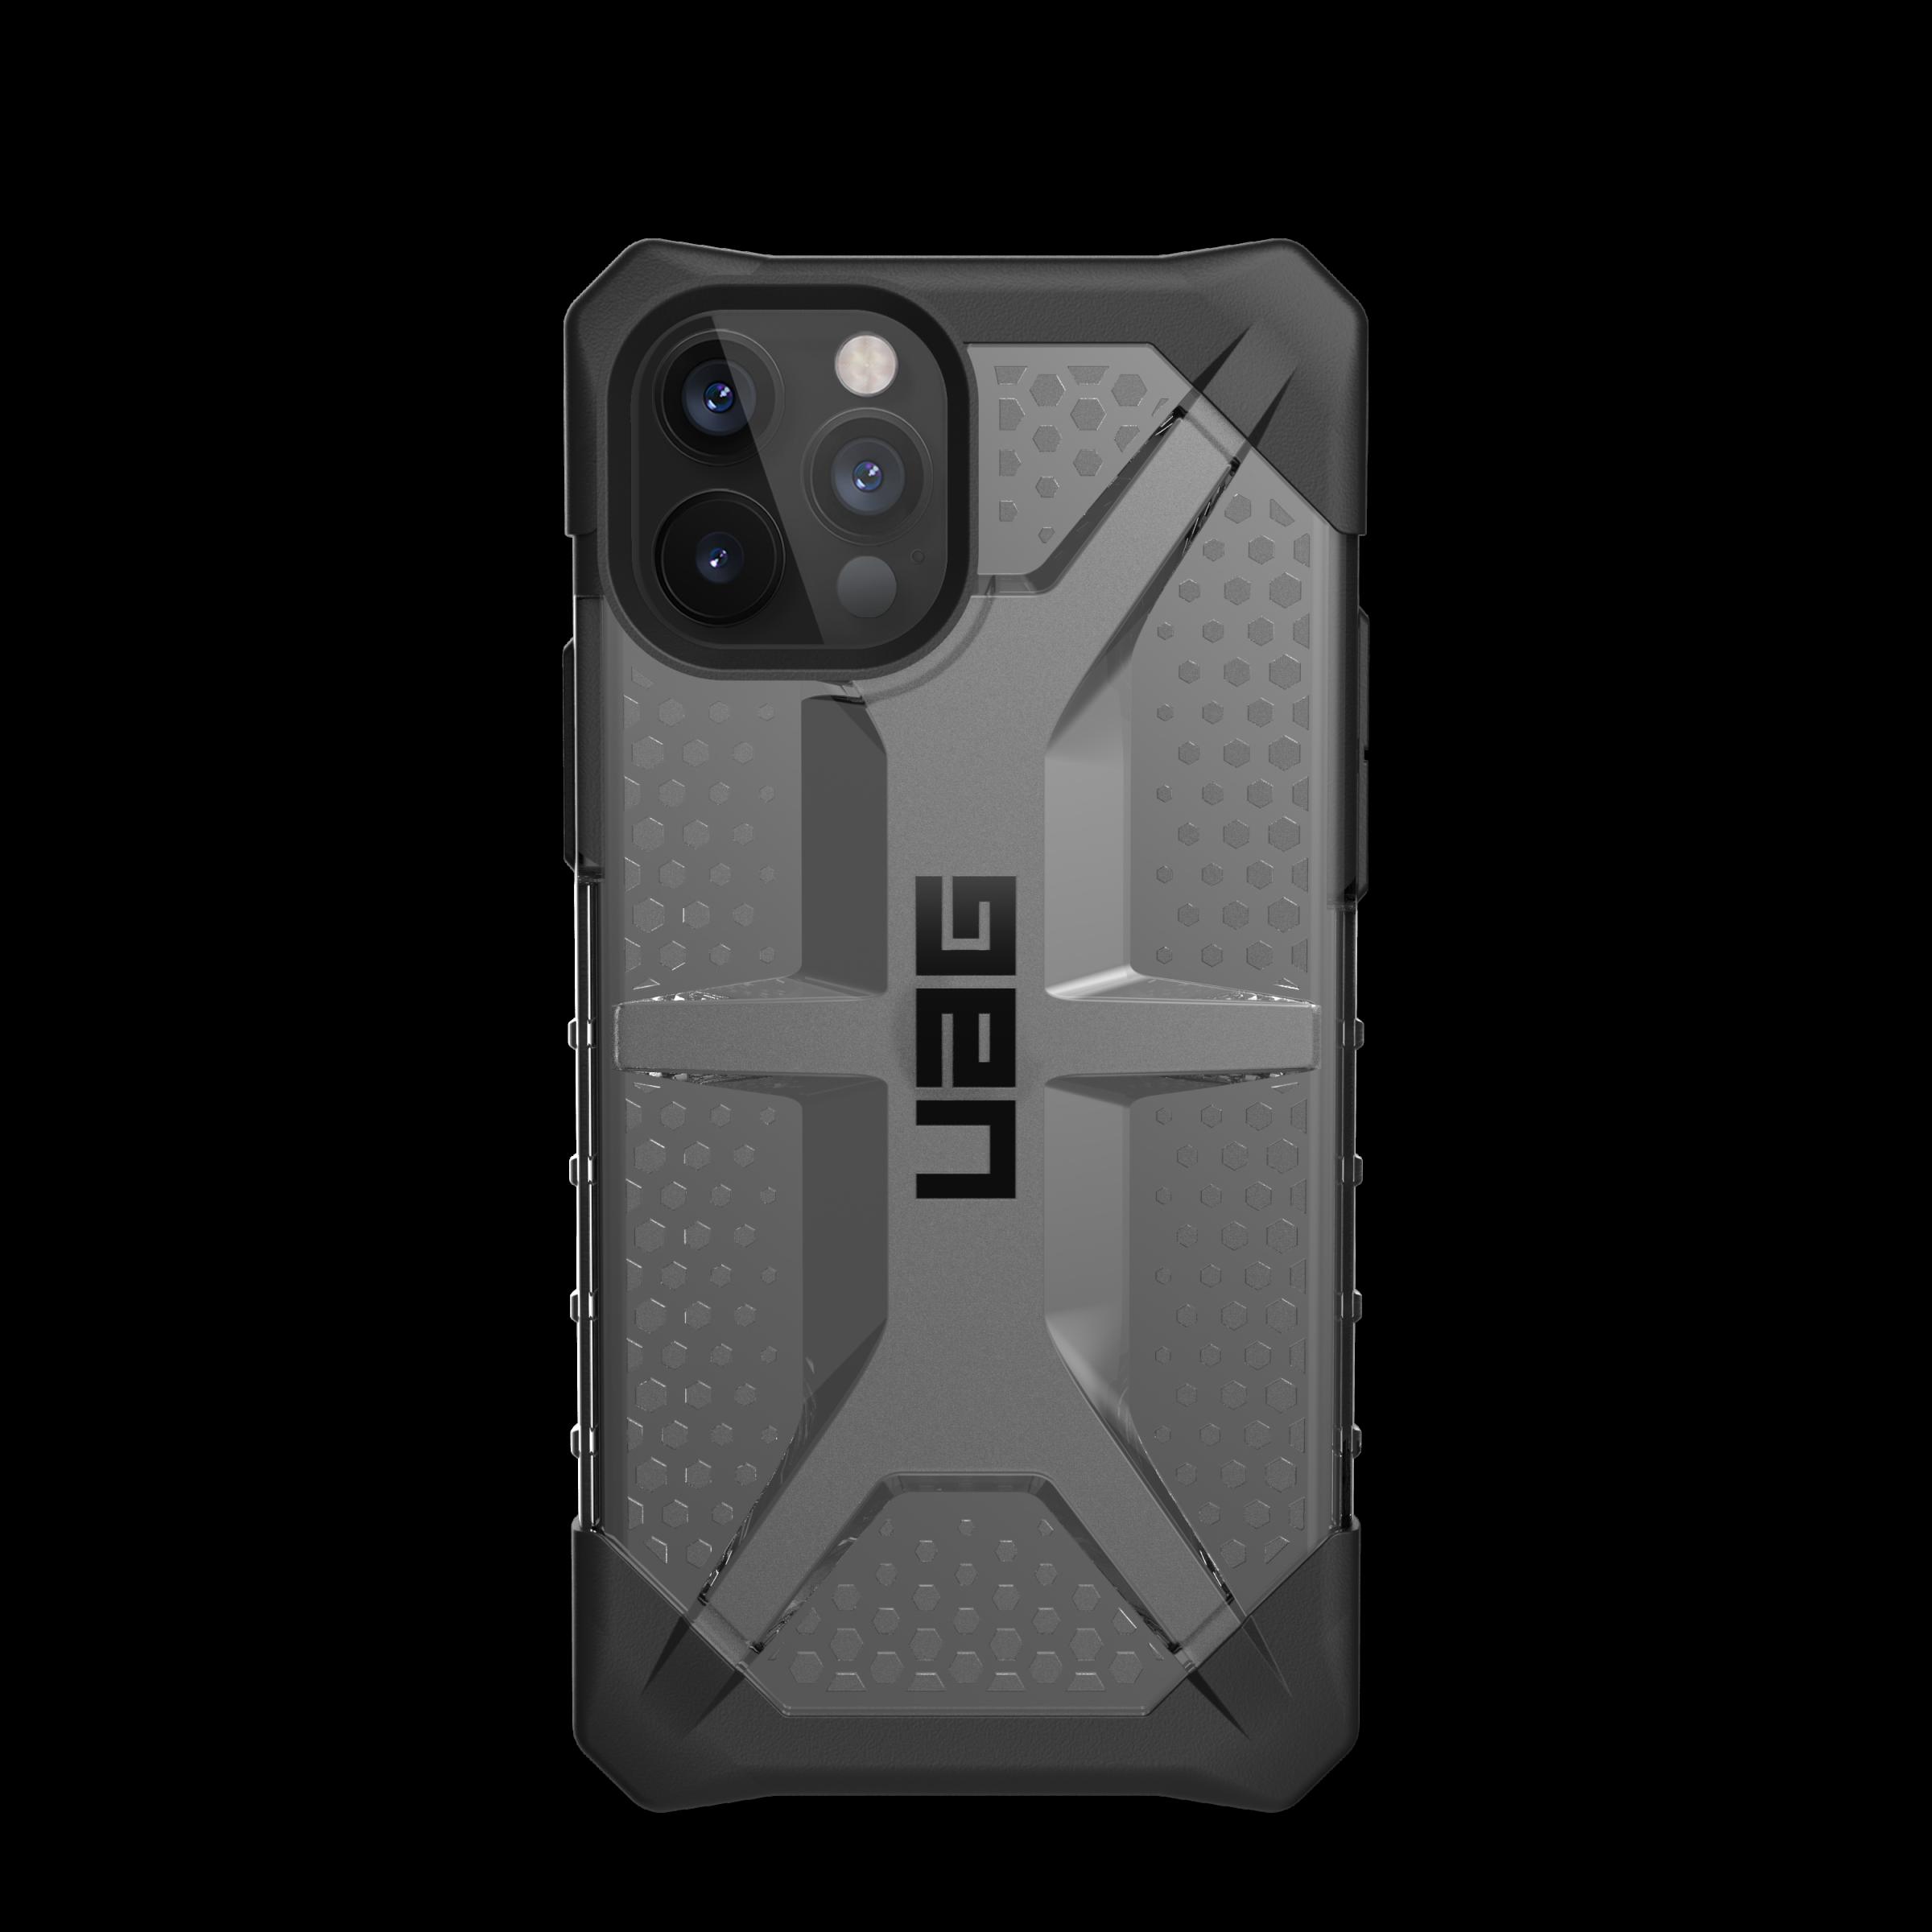 Plasma Series Case iPhone 12 Pro Max Ice